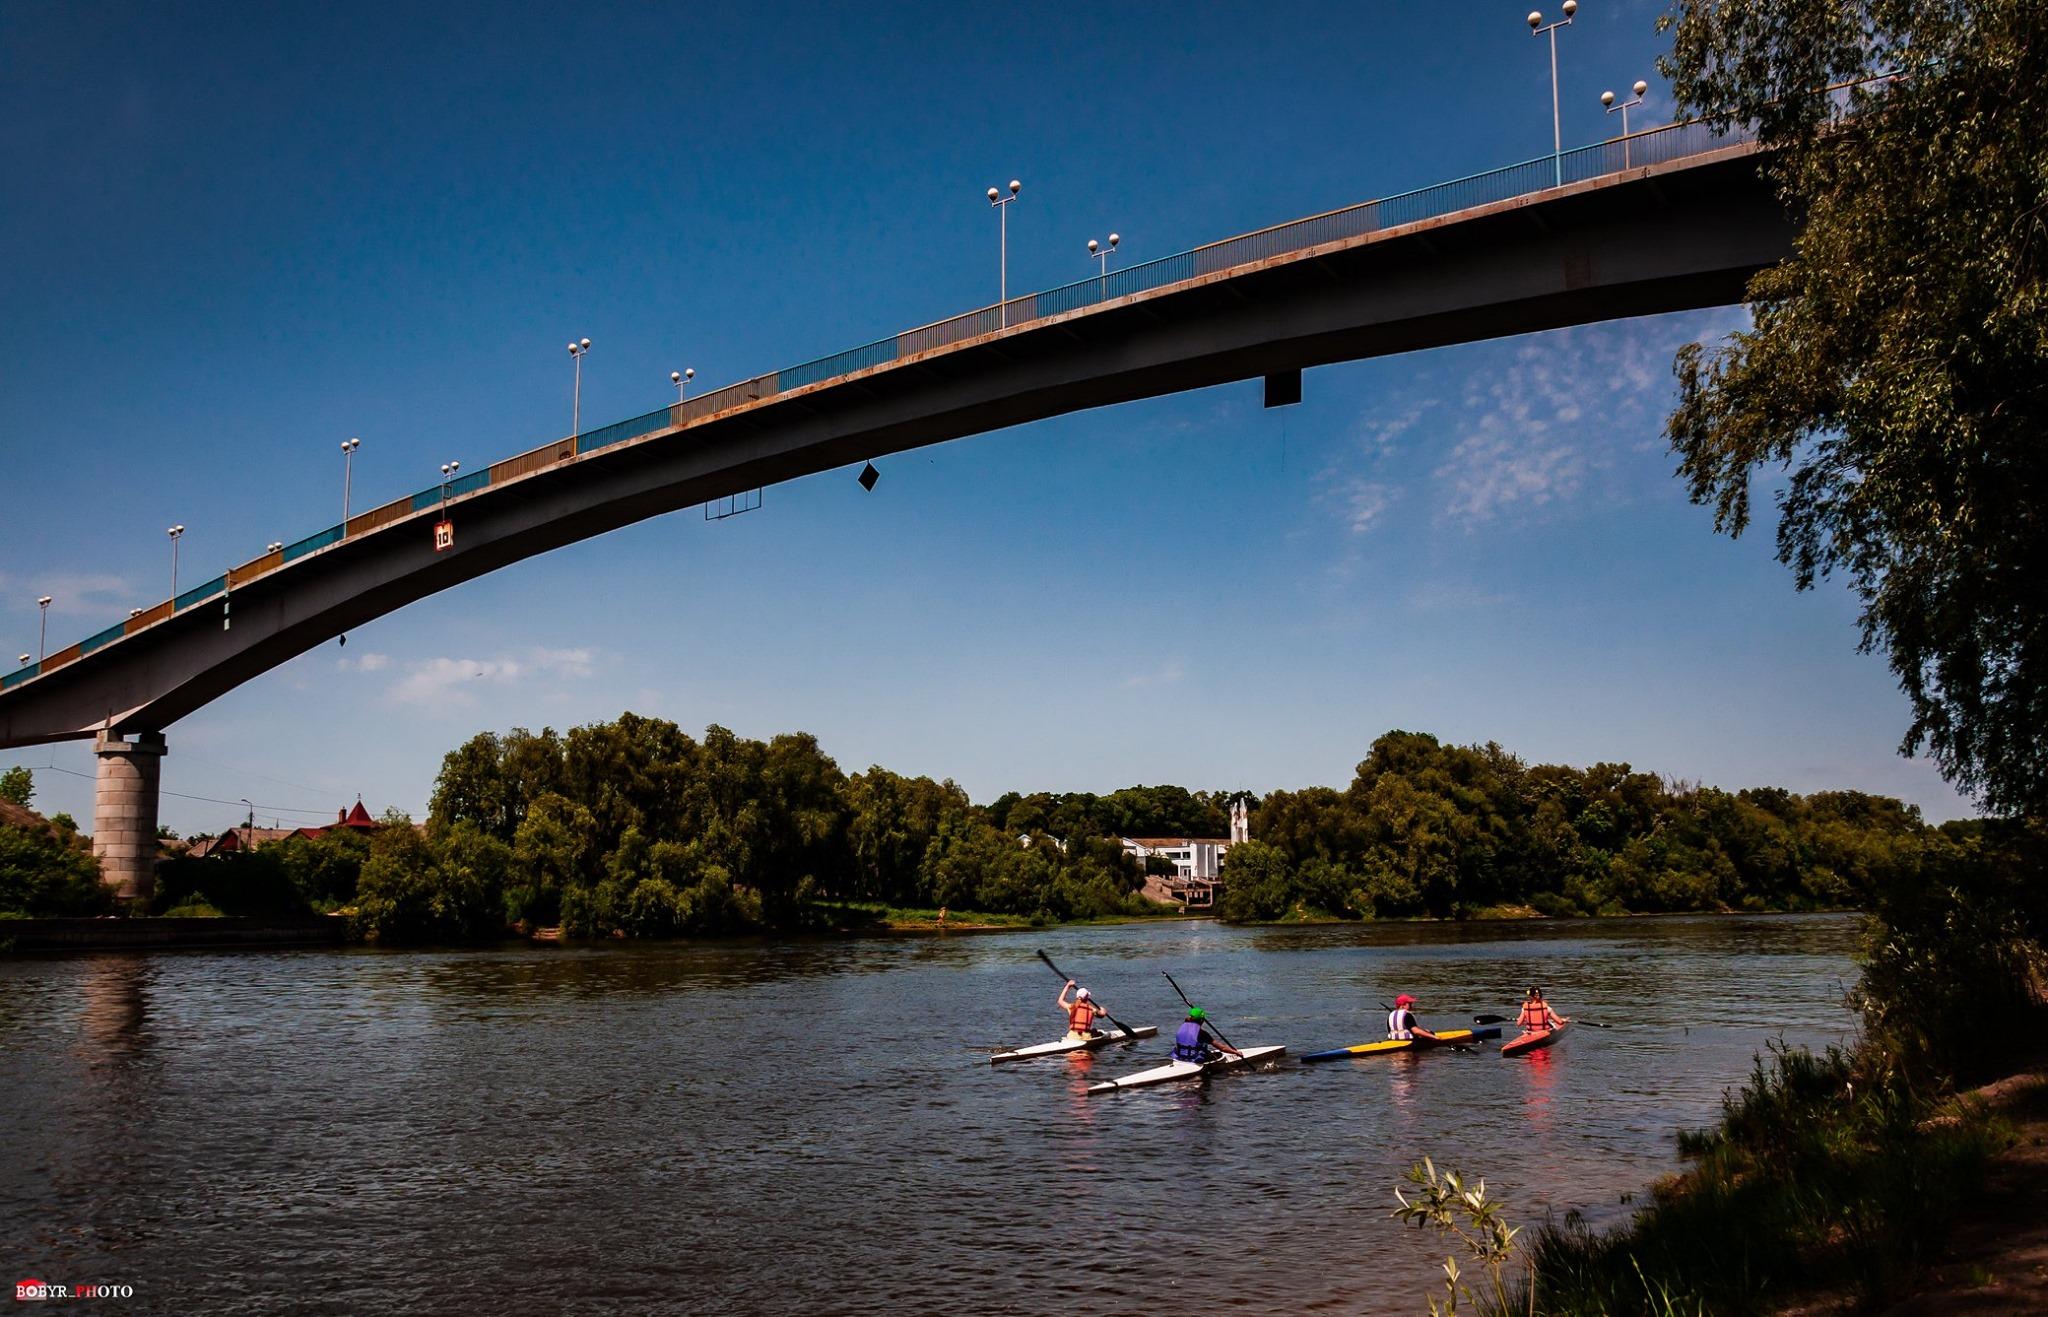 У Чернігові в Десні біля пішохідного мосту знайшли тіло чоловіка